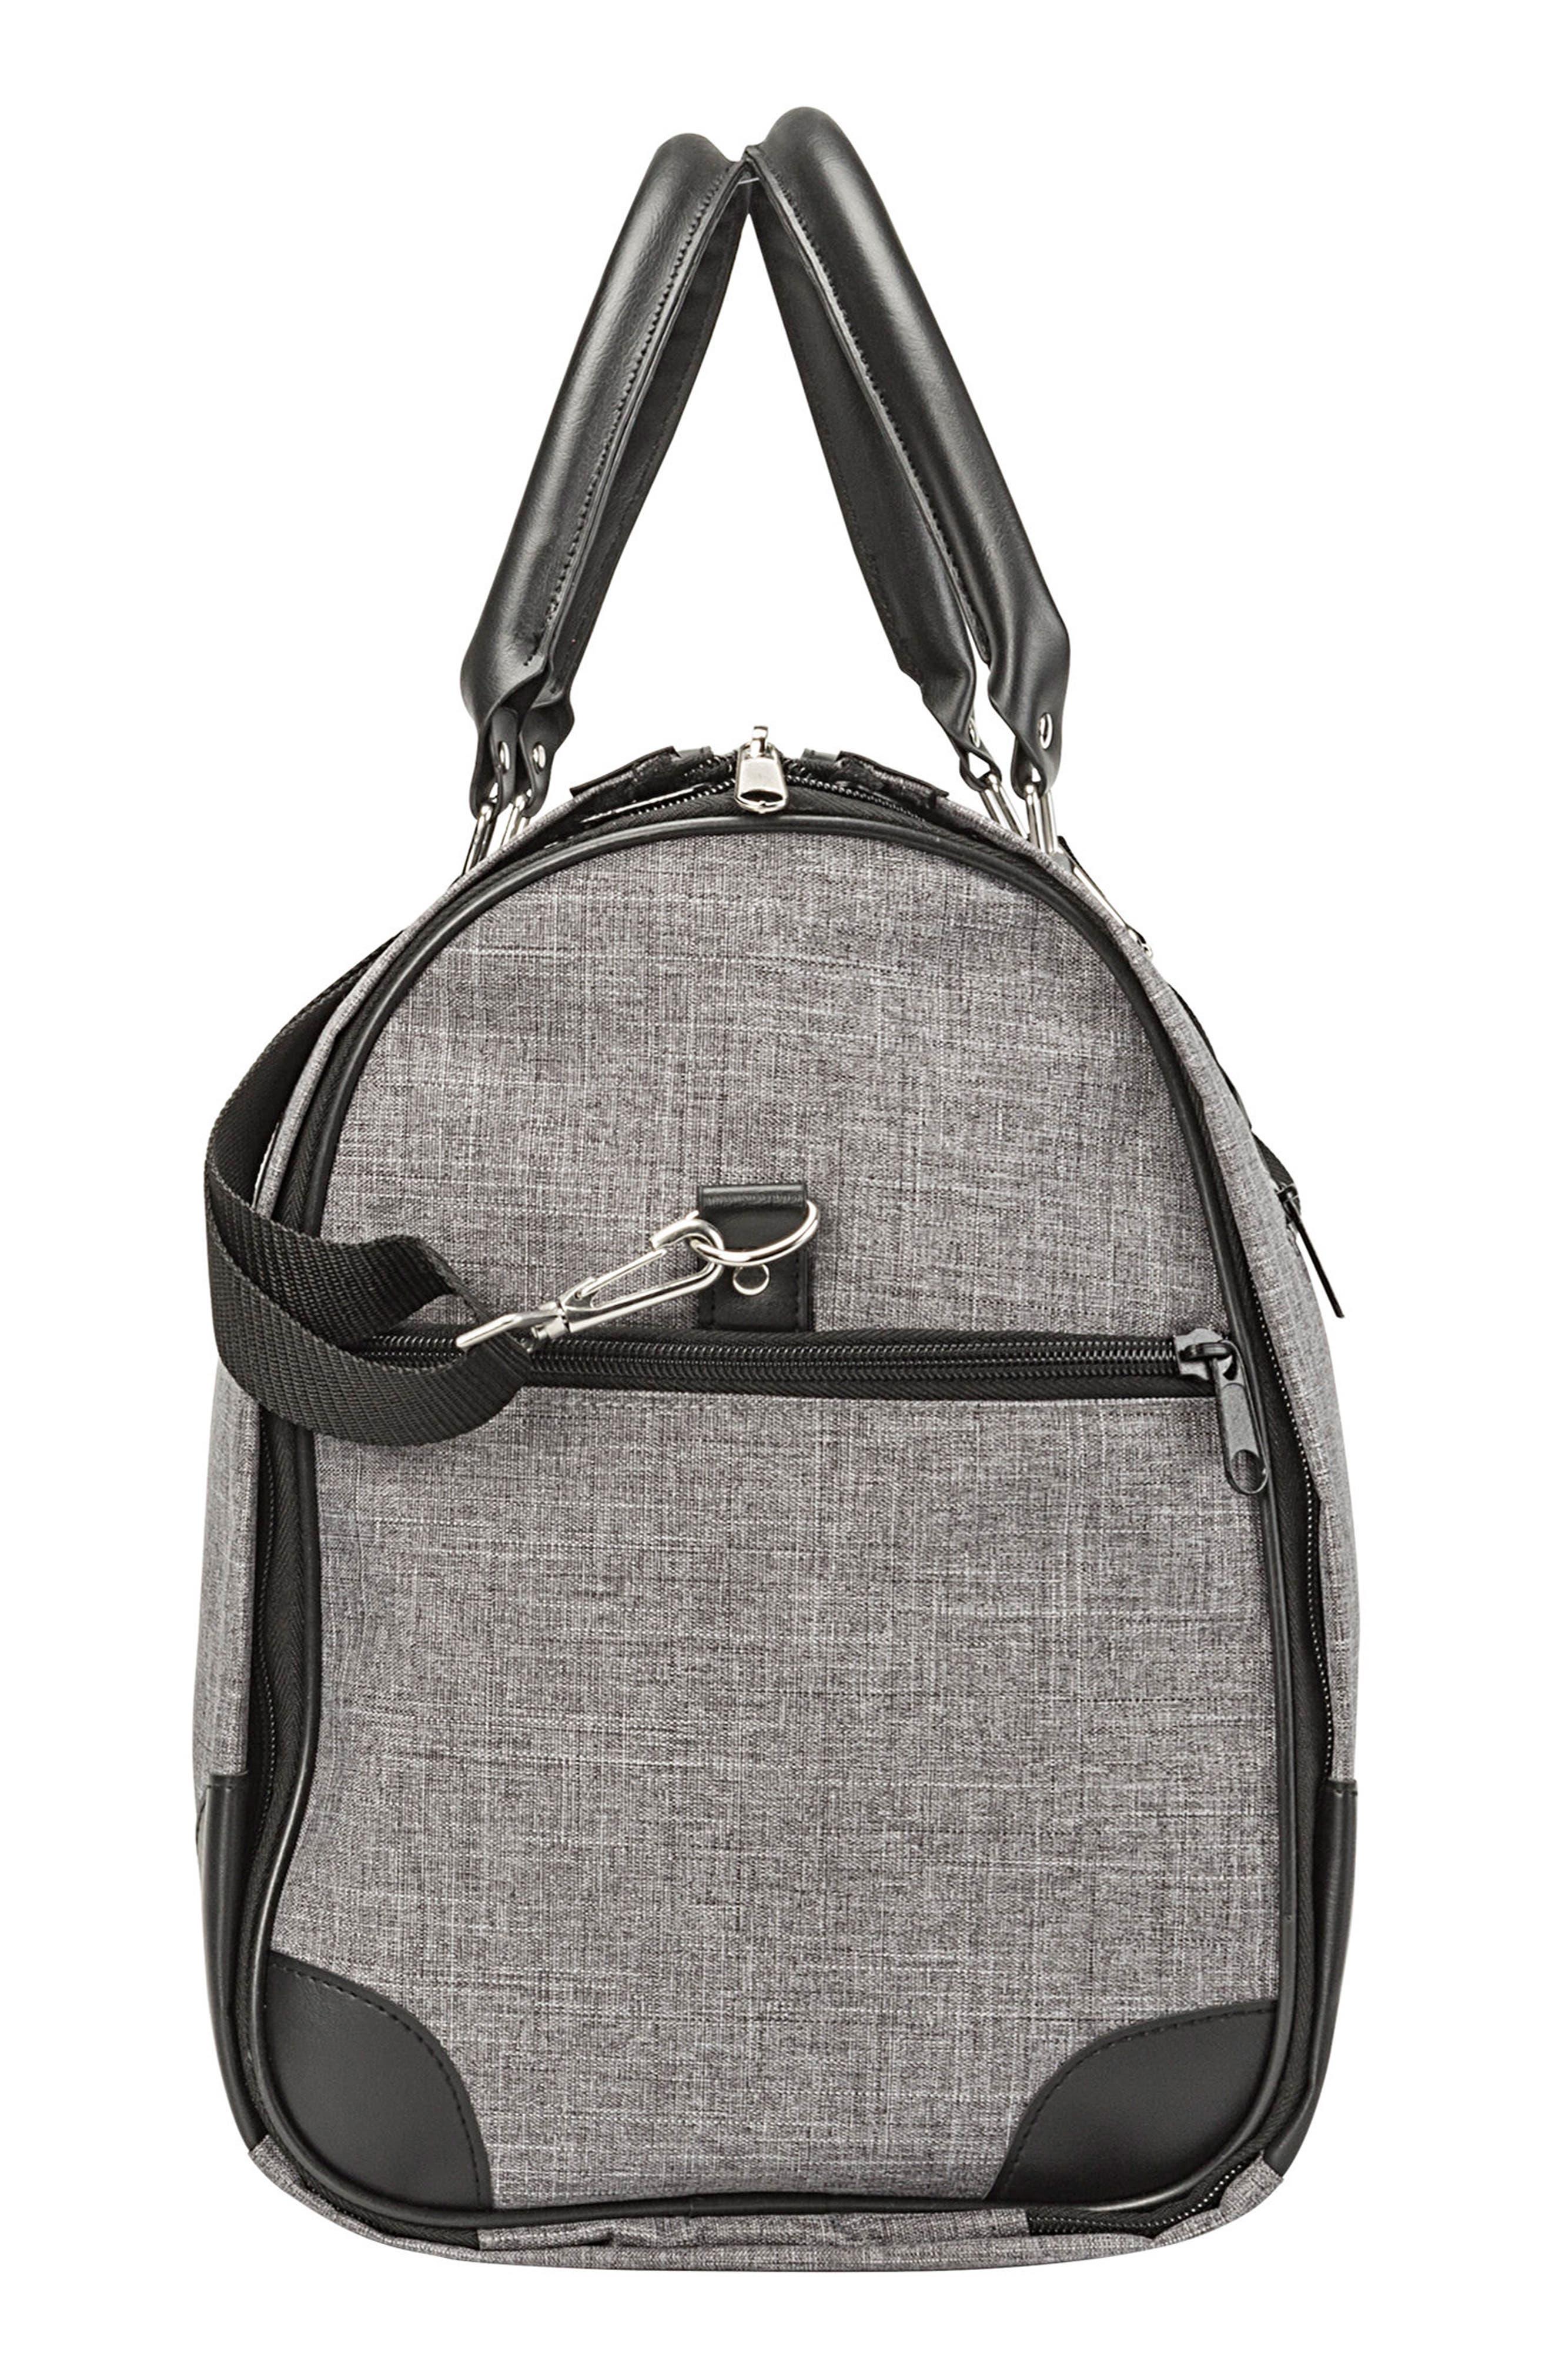 Monogram Duffel/Garment Bag,                             Alternate thumbnail 3, color,                             GREY A